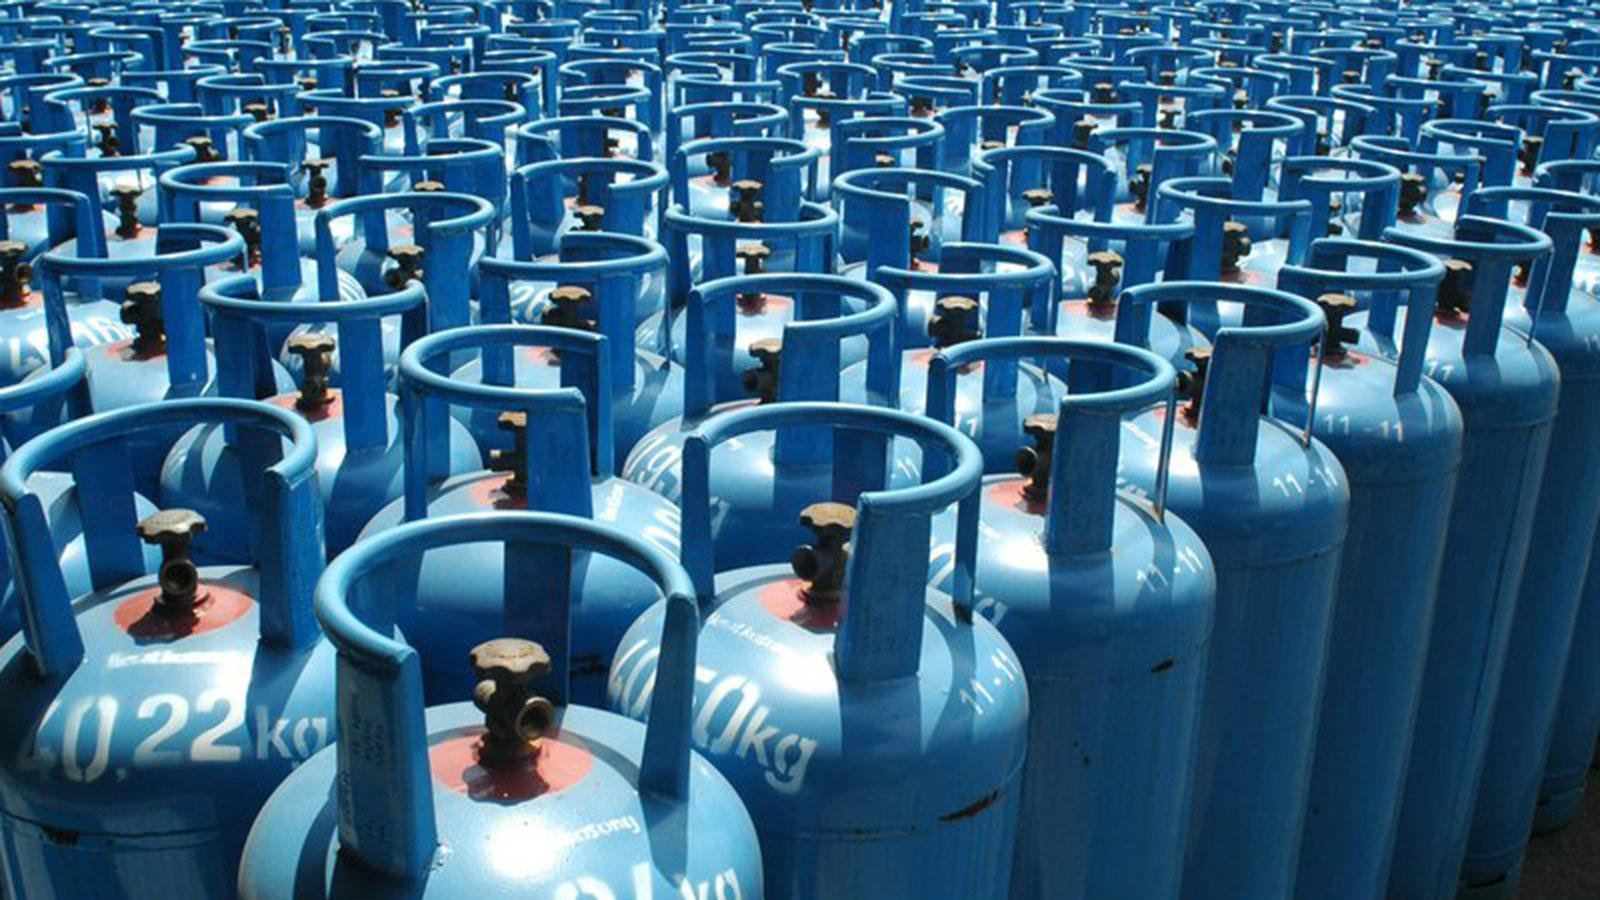 Το υγραέριο αποτελεί παραδοσιακά ένα από τα οικονομικότερα καύσιμα!